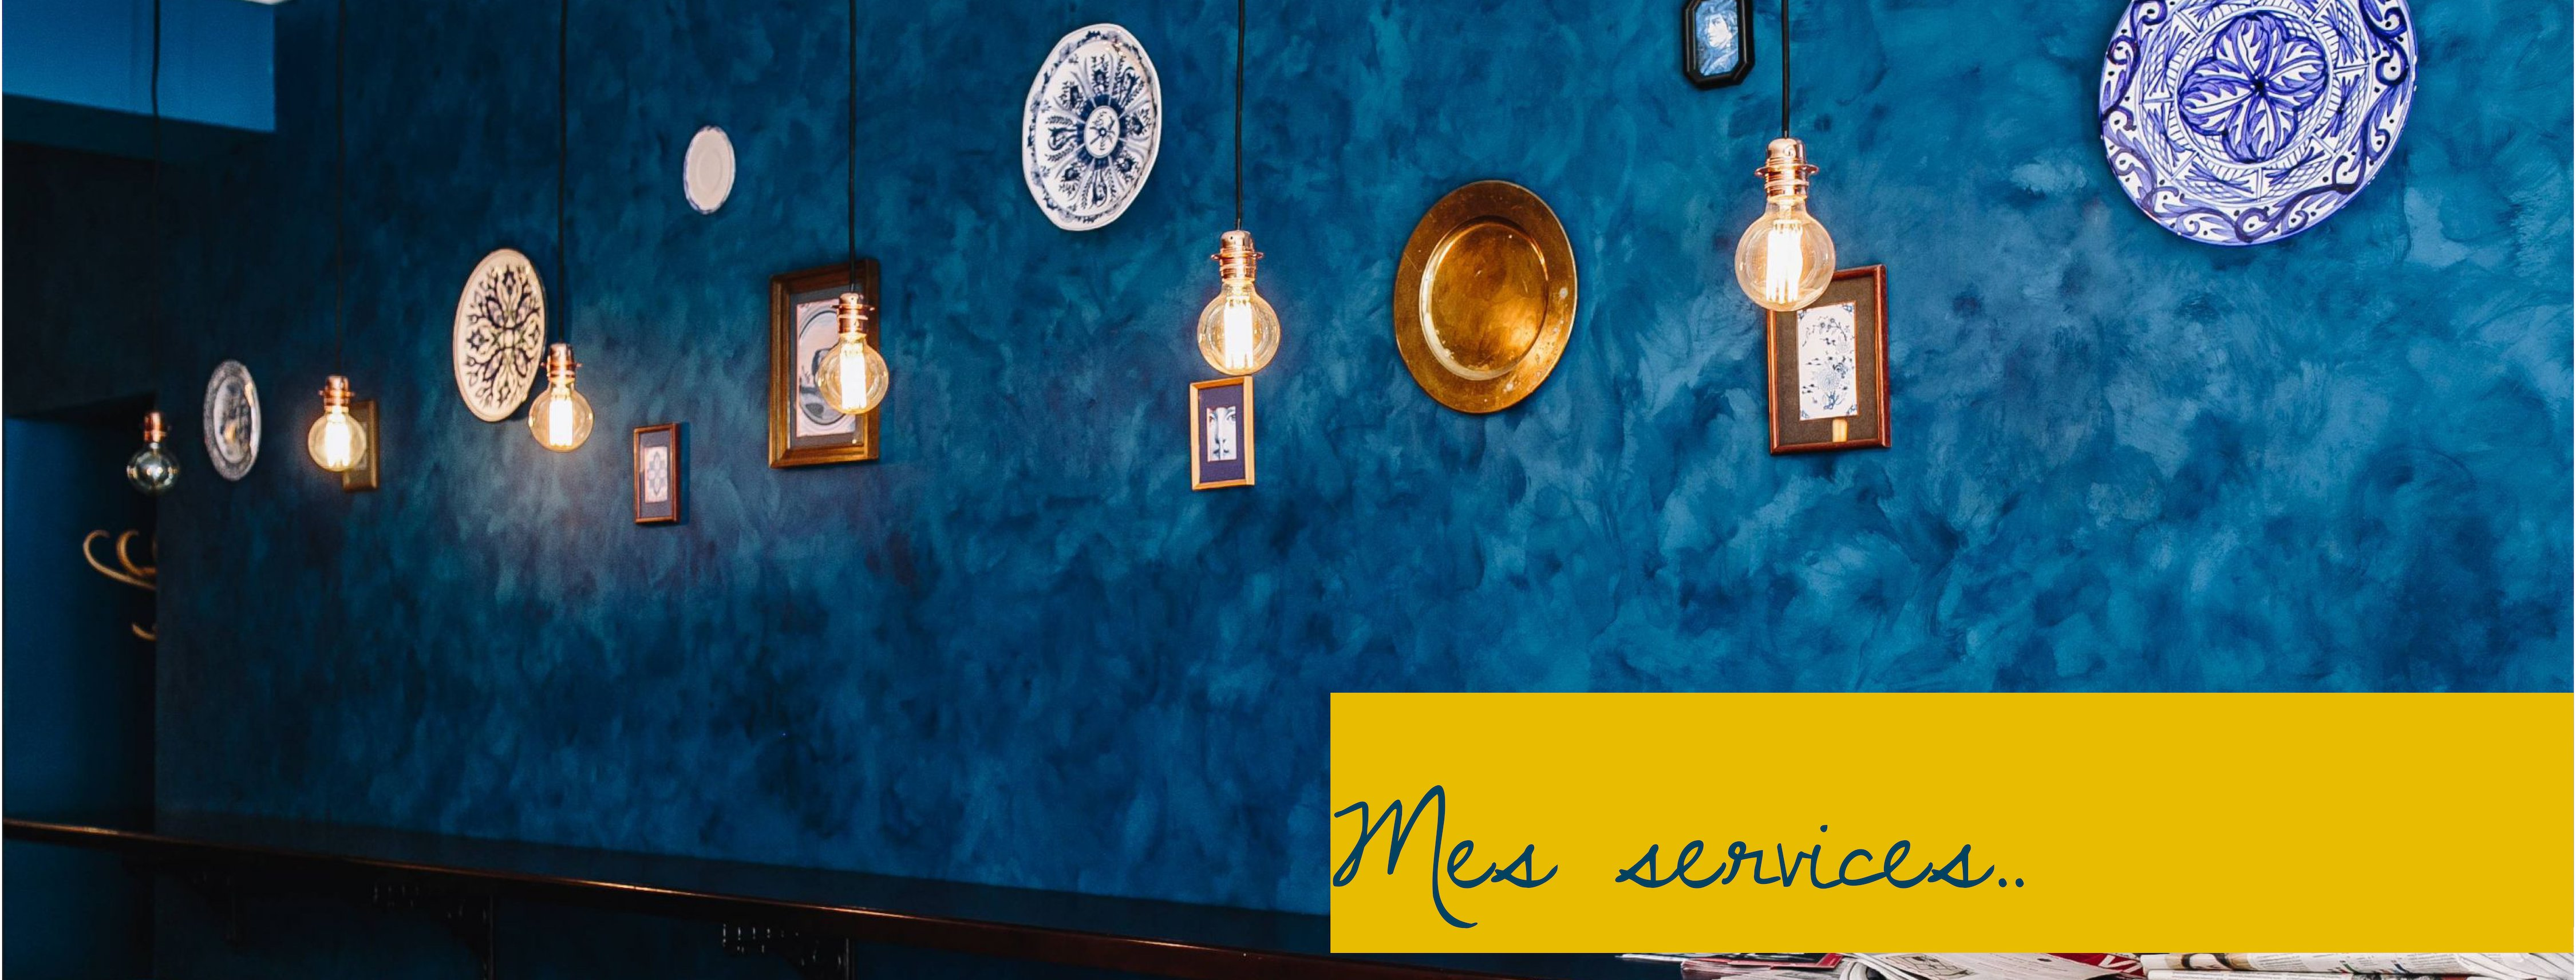 Bannière_Mes services